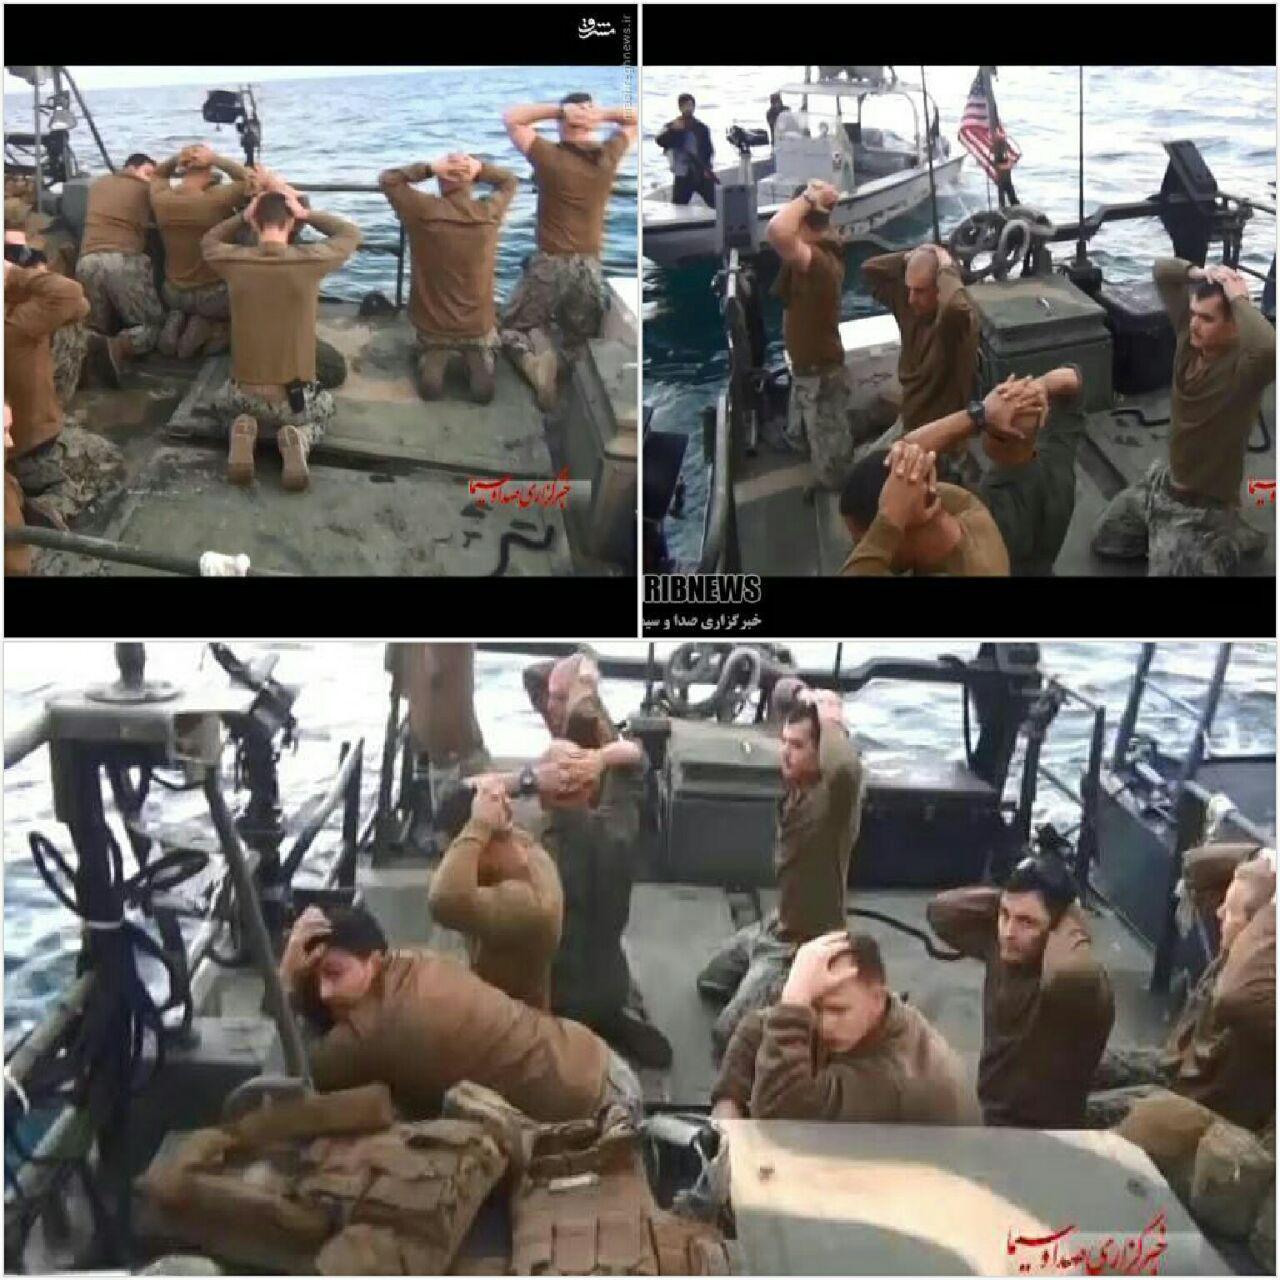 نخستین عکس از دستگیری ۱۰ تفنگدار آمریکایی توسط سپاه منتشر شد (+عکس)